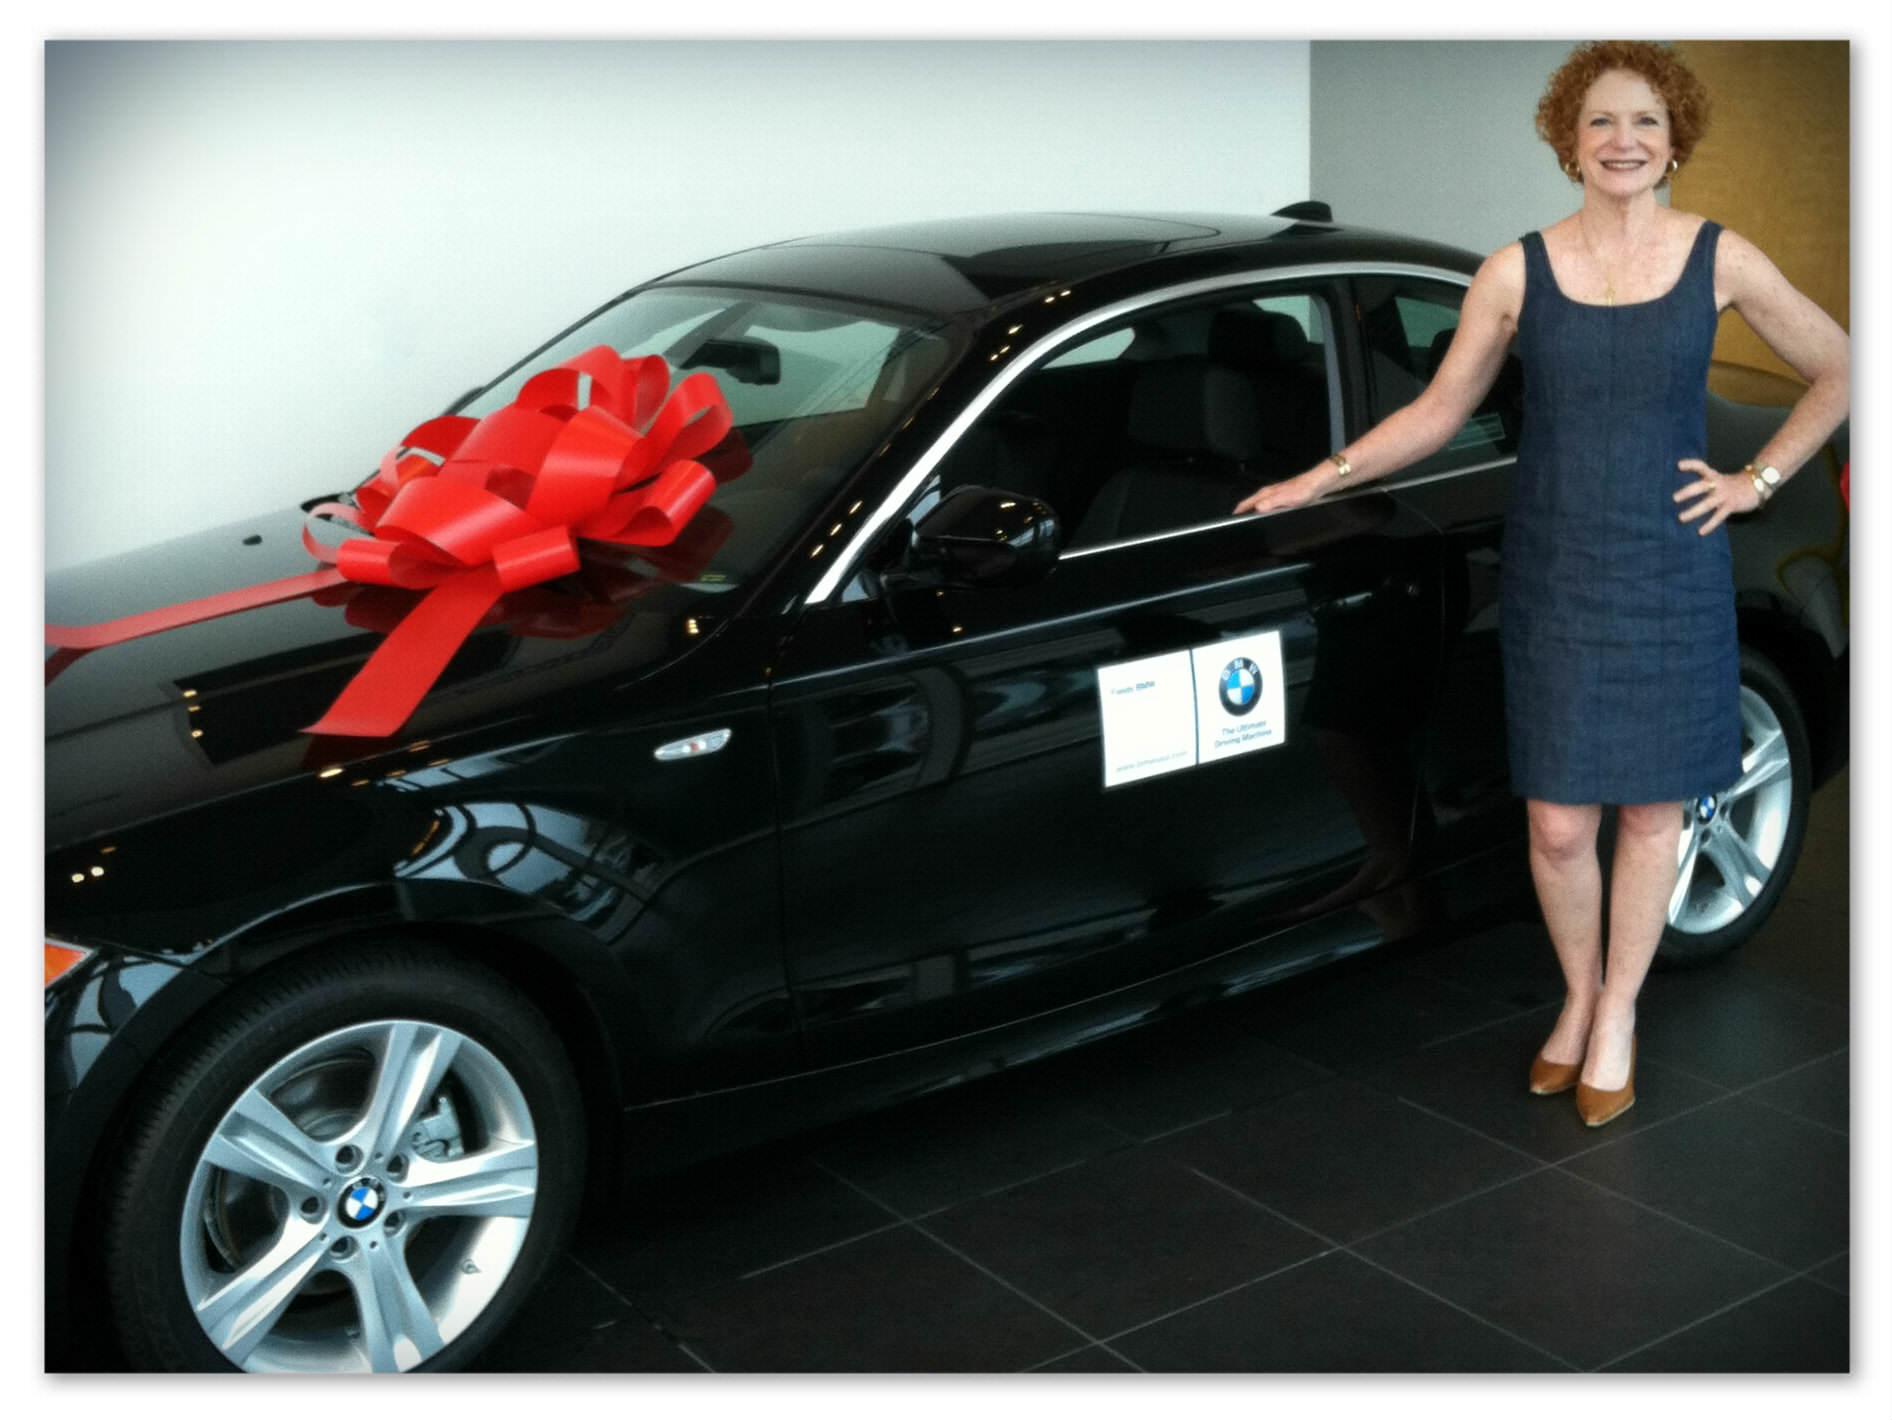 BMWwinner09